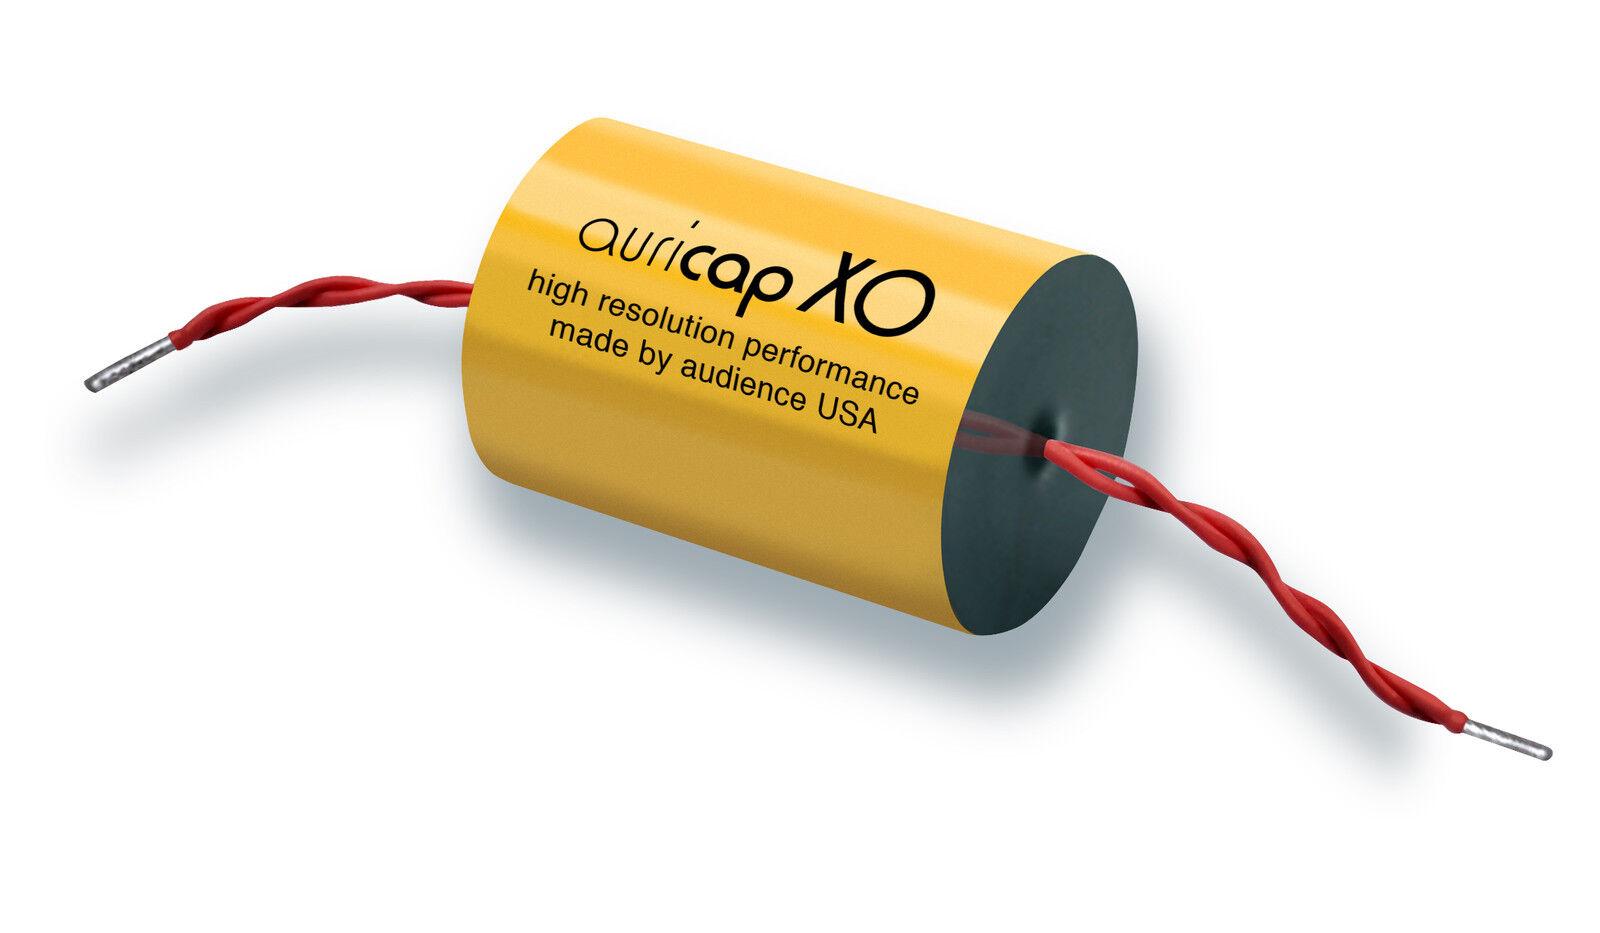 Kühlschranklampe Led : 1 pair auricap xo capacitor 10% 200 600v audience av made in usa